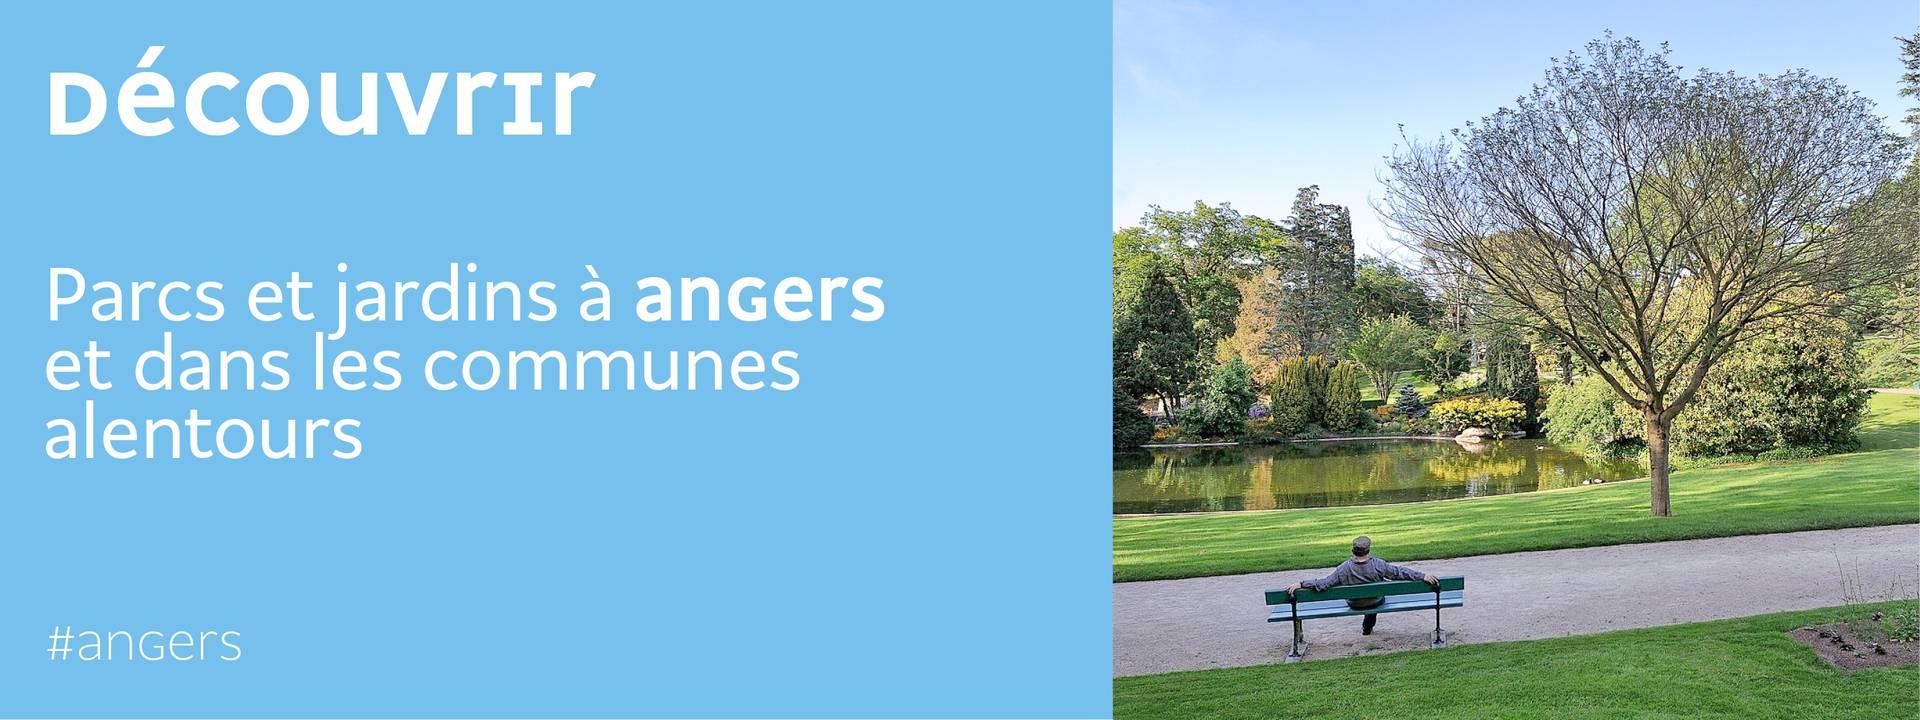 Parcs et jardins d'Angers